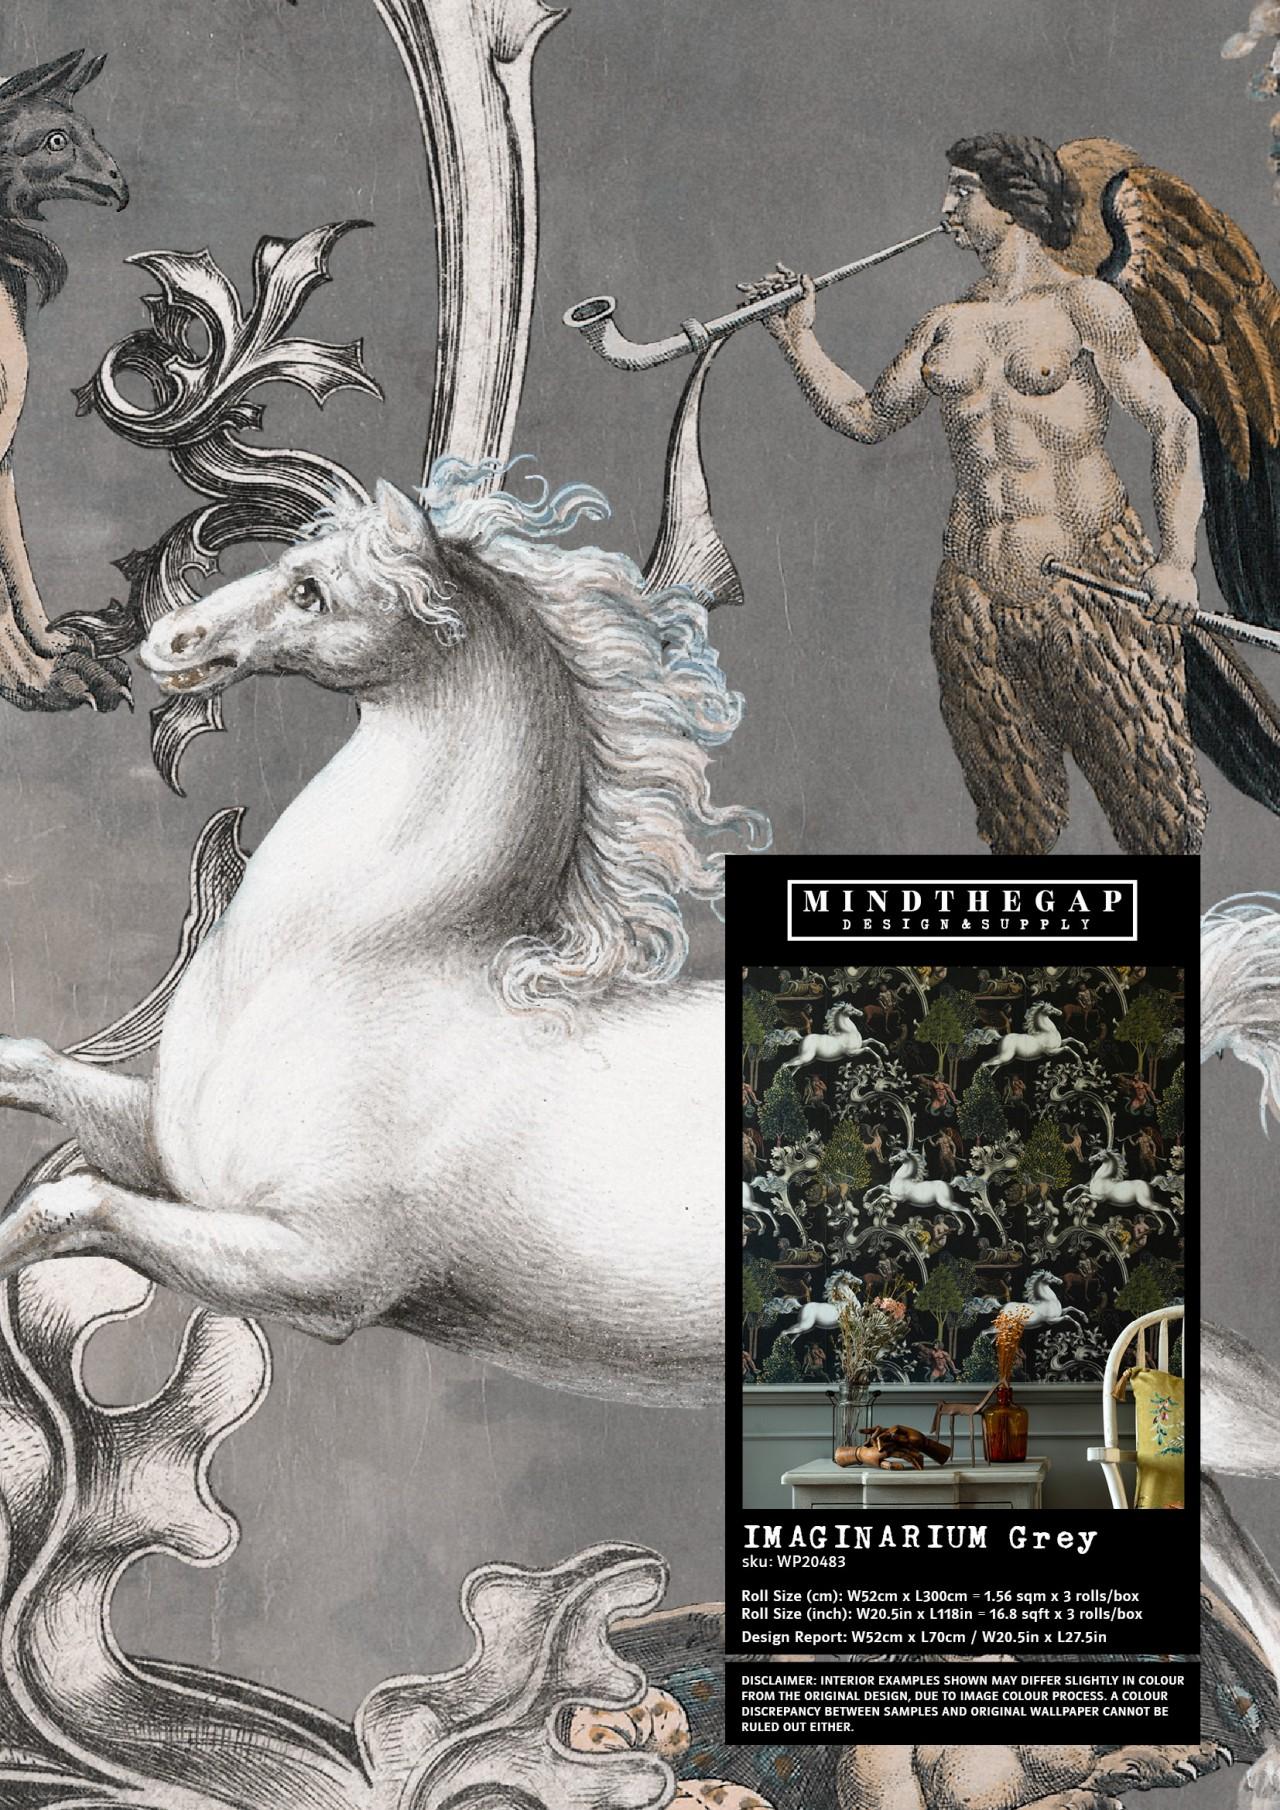 IMAGINARIUM Grey - Wallpaper Sample